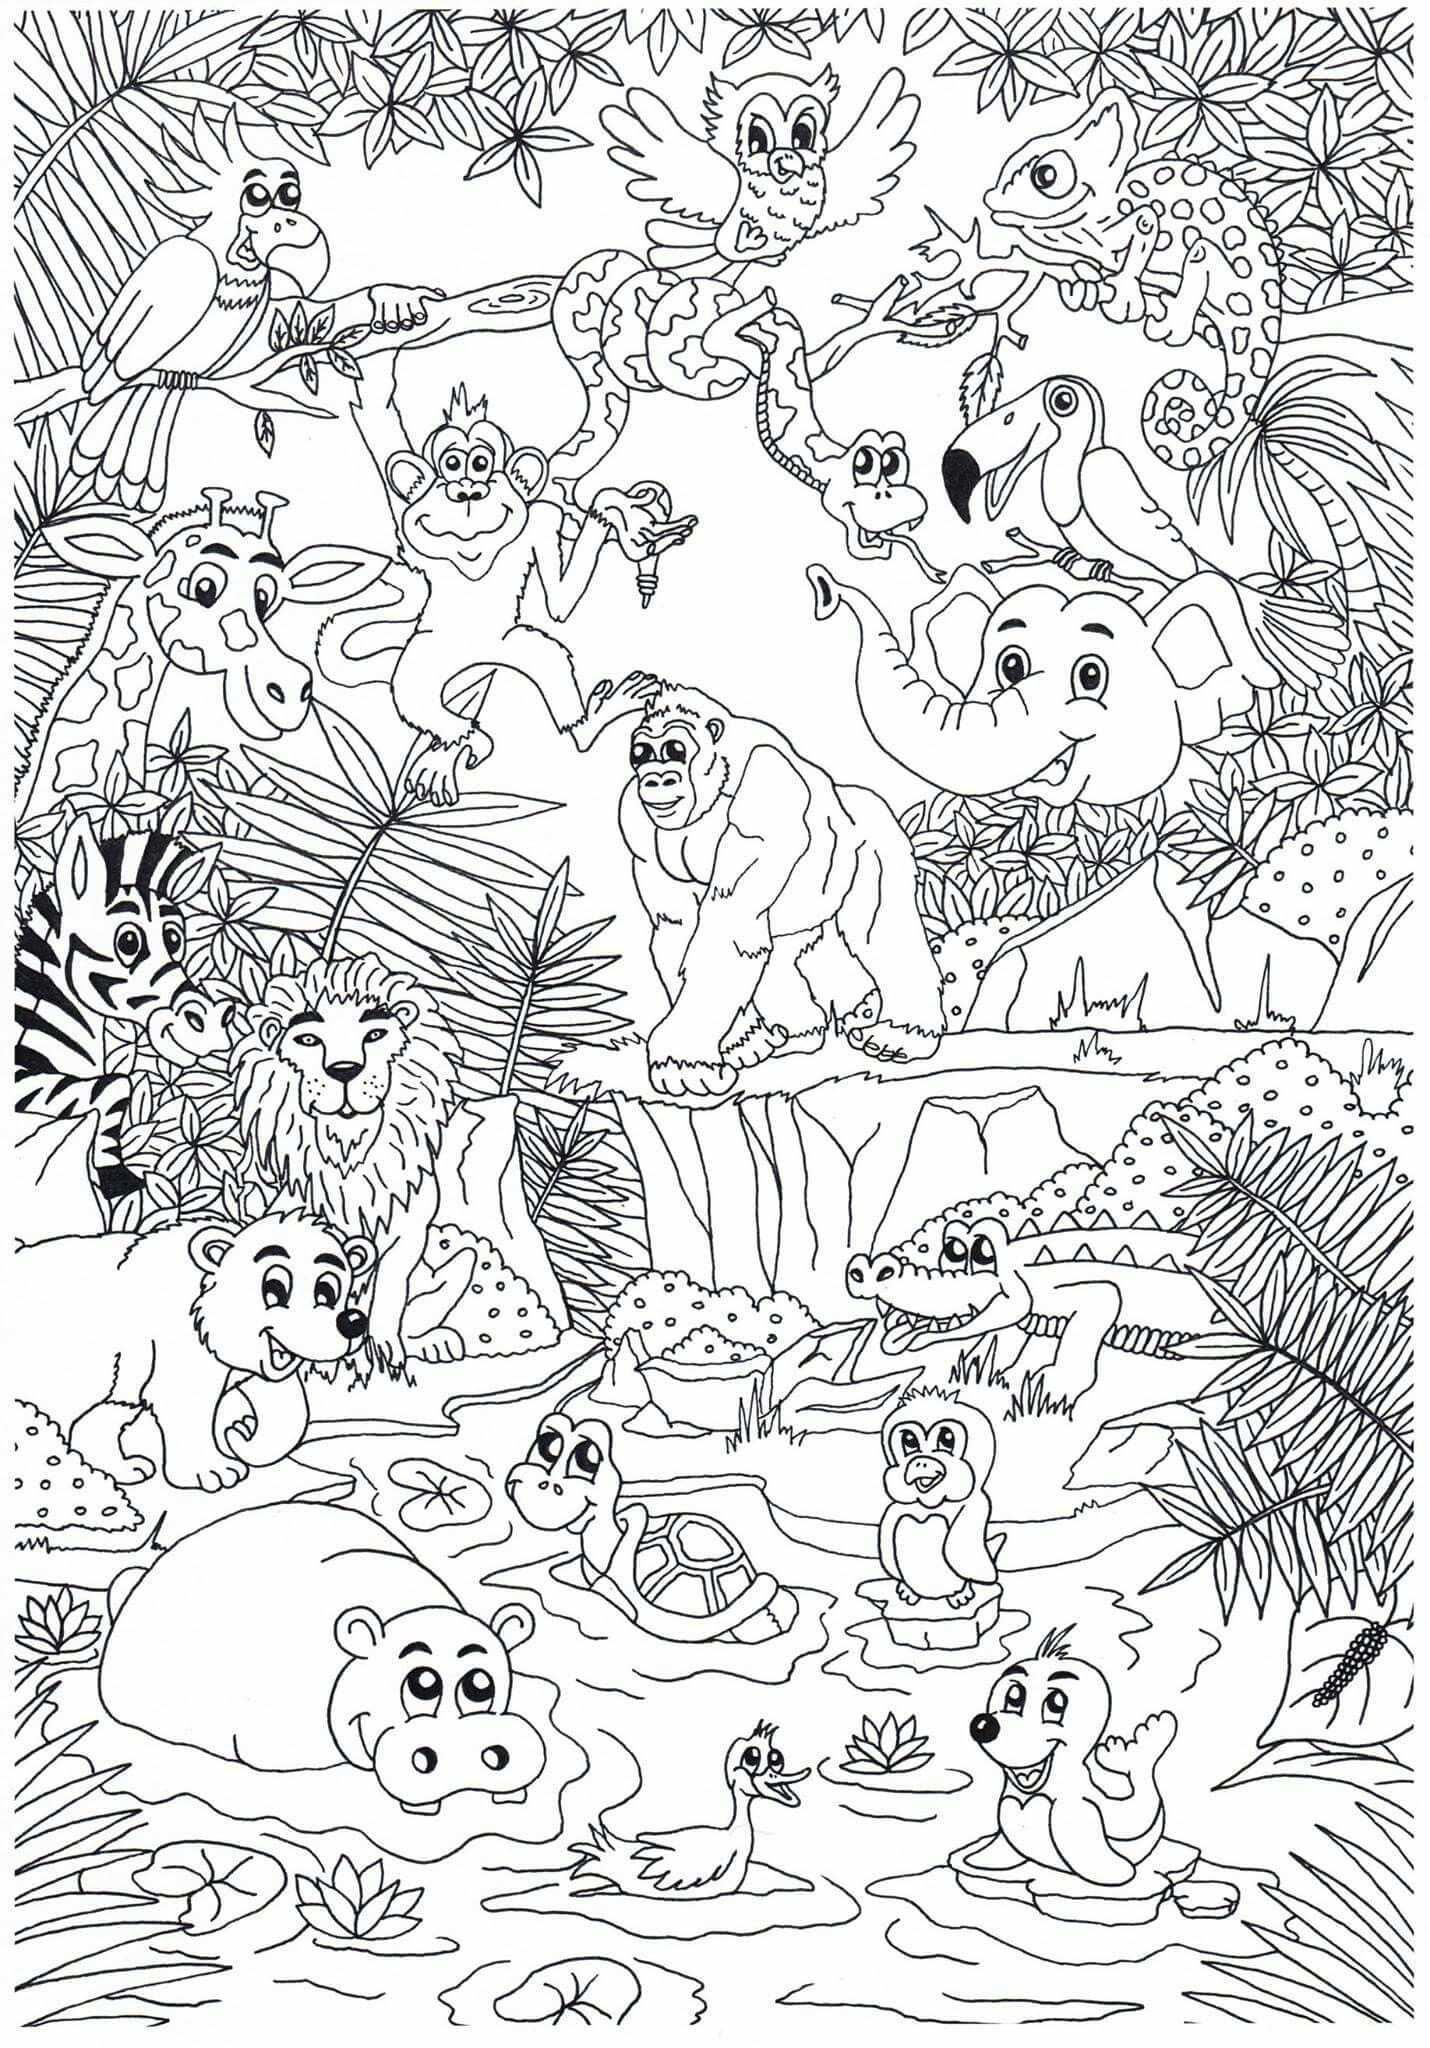 Pin Van Kim Haasnoot Op Kid S Stuff Dieren Kleurplaten Gratis Kleurplaten Kleurplaten